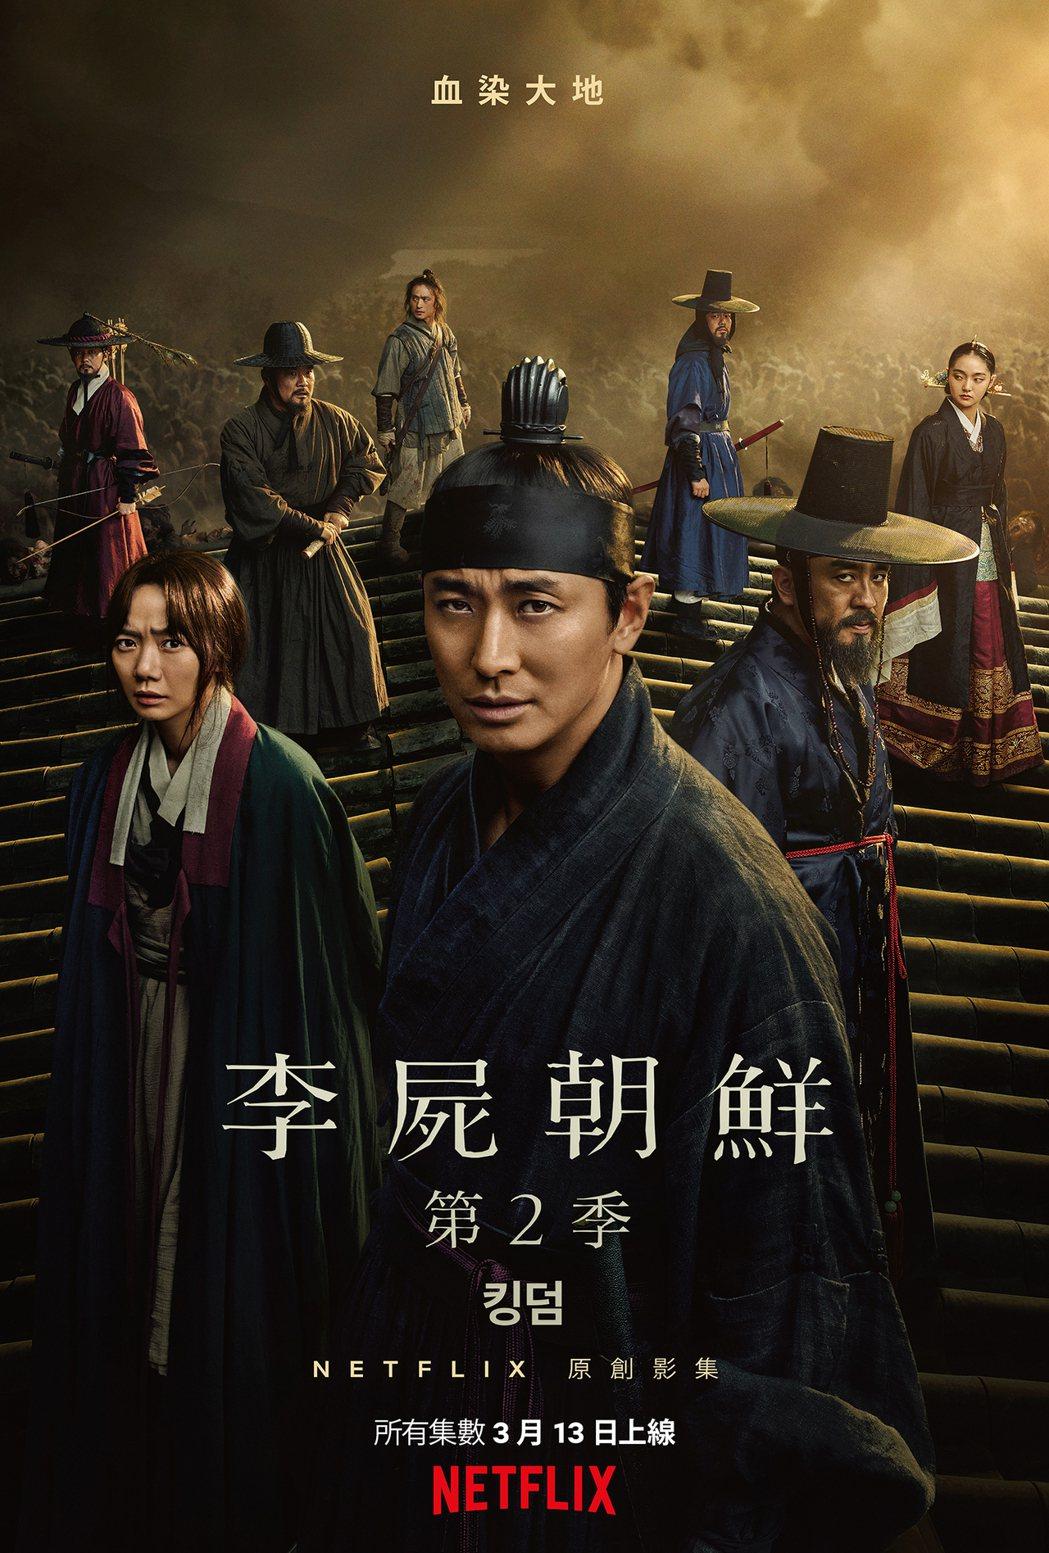 「李屍朝鮮」第二季將於13日於全球190個國家同步上線。圖/Netflix提供